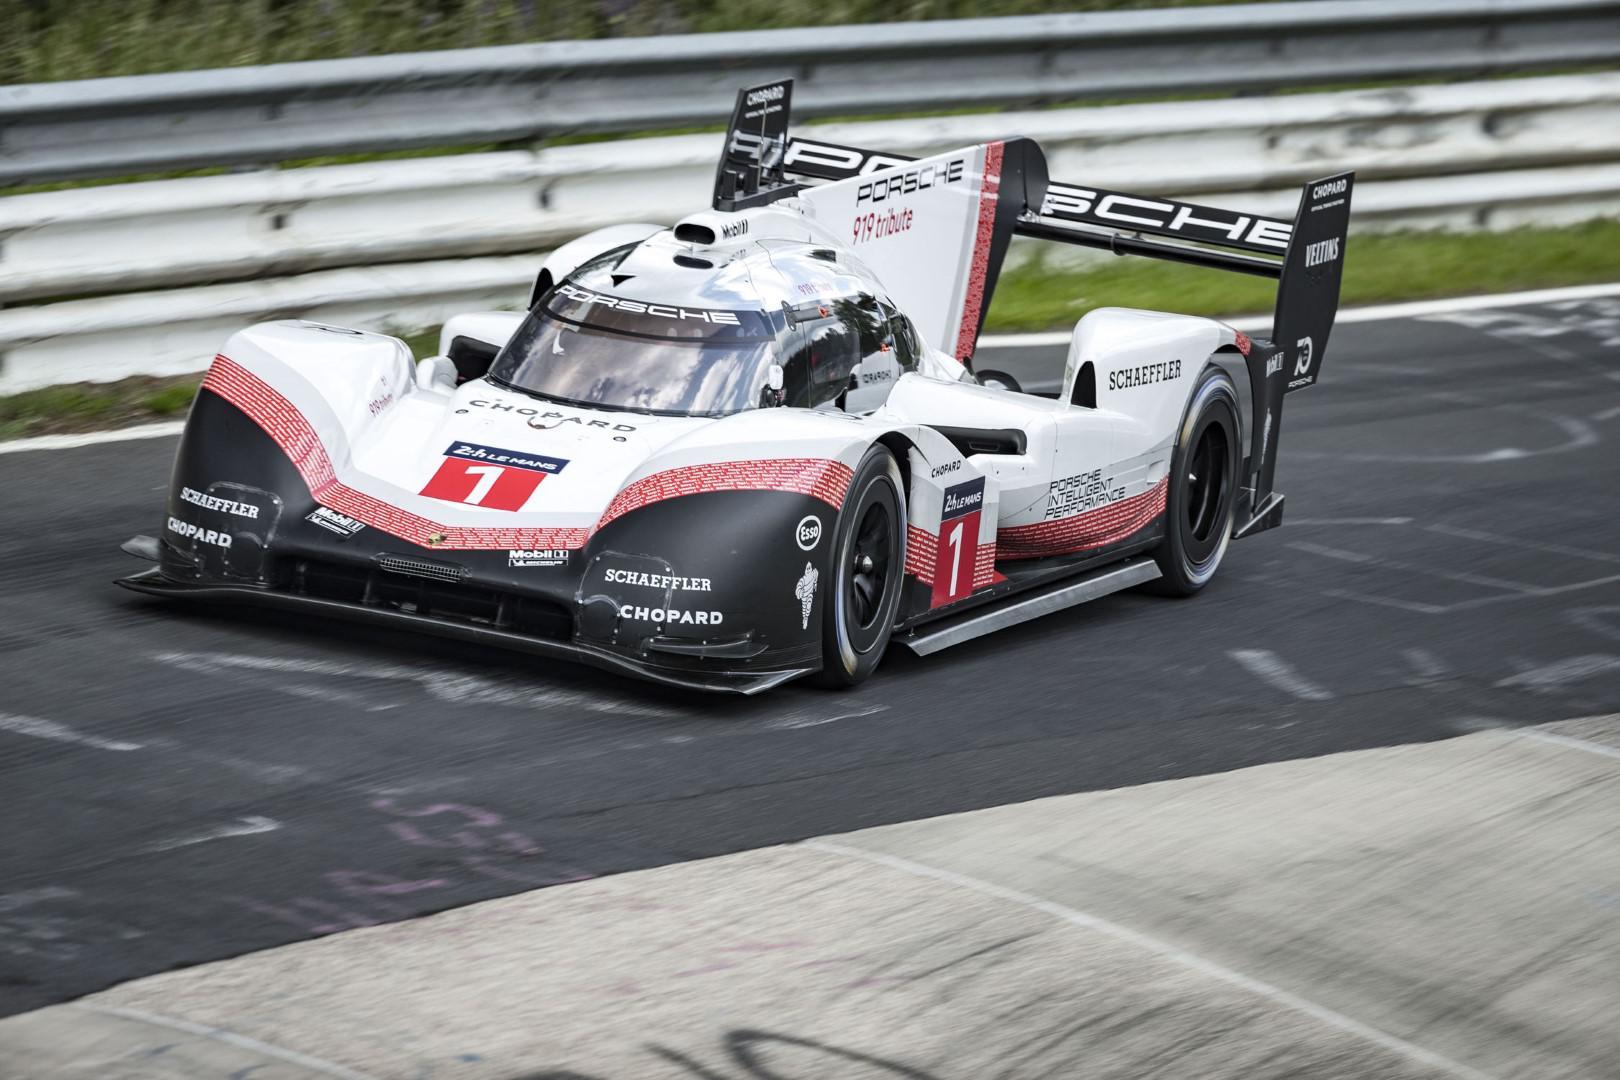 les-voitures-les-plus-rapides-du-nuerburgring-par-categorie-1158-7.jpg